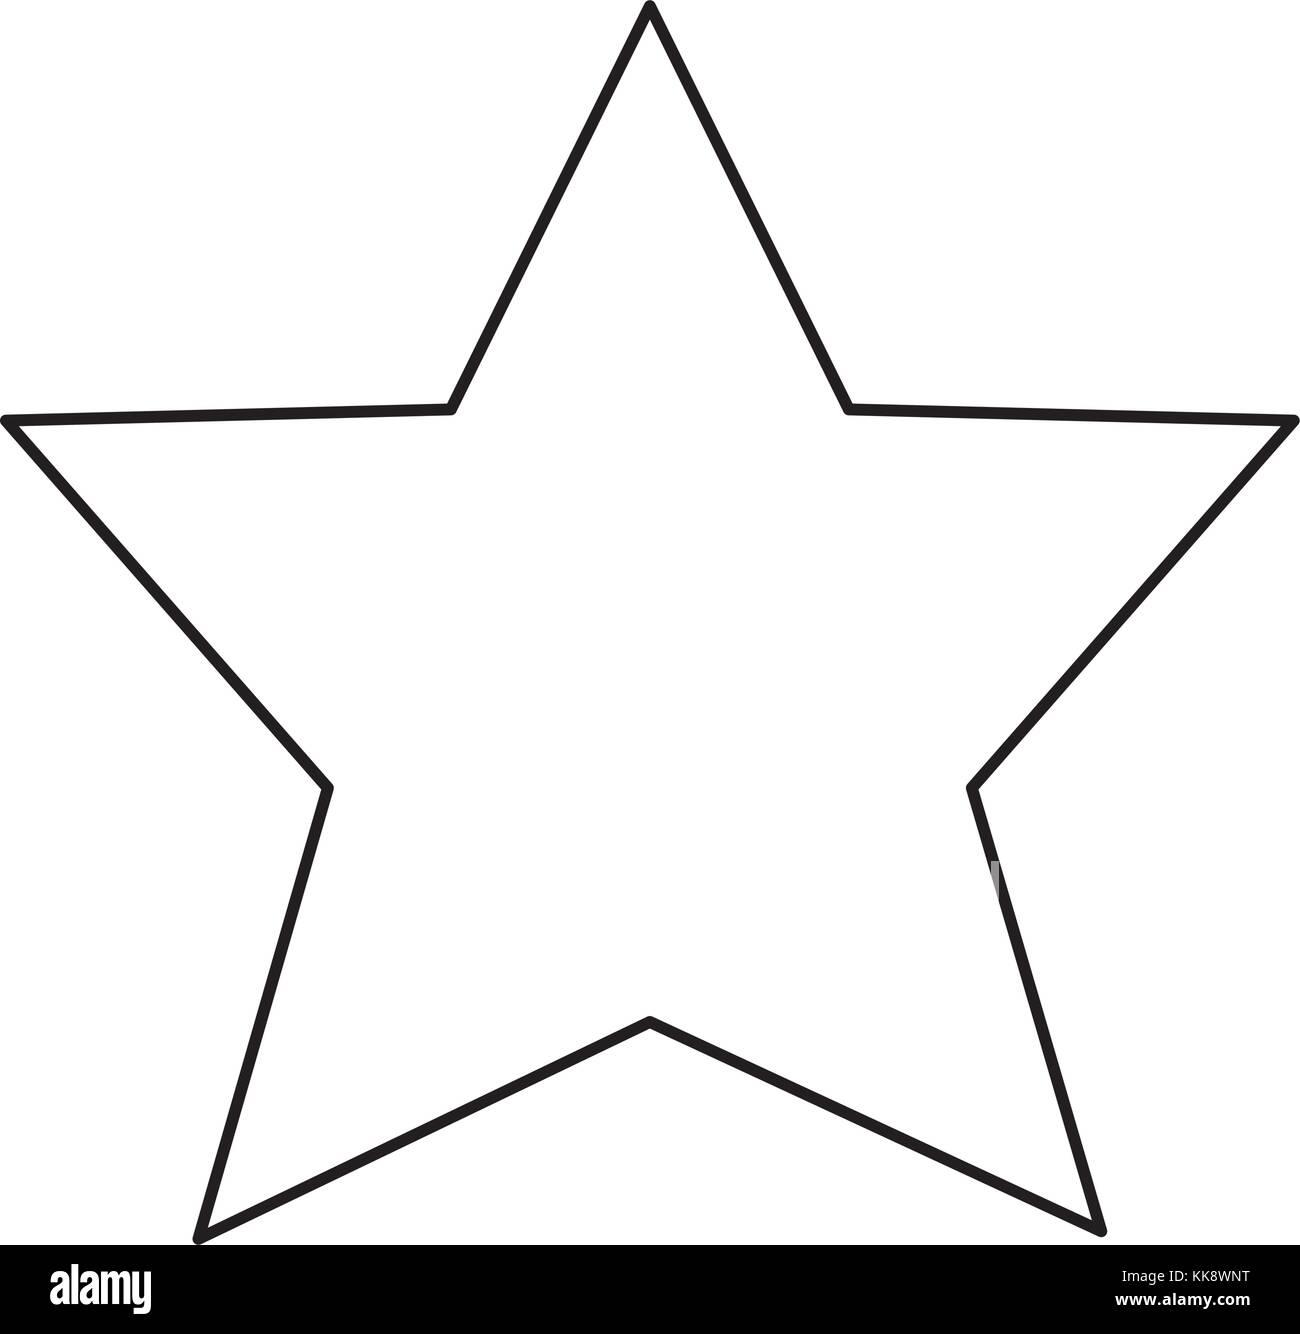 Star illustrazione vettoriale Immagini Stock